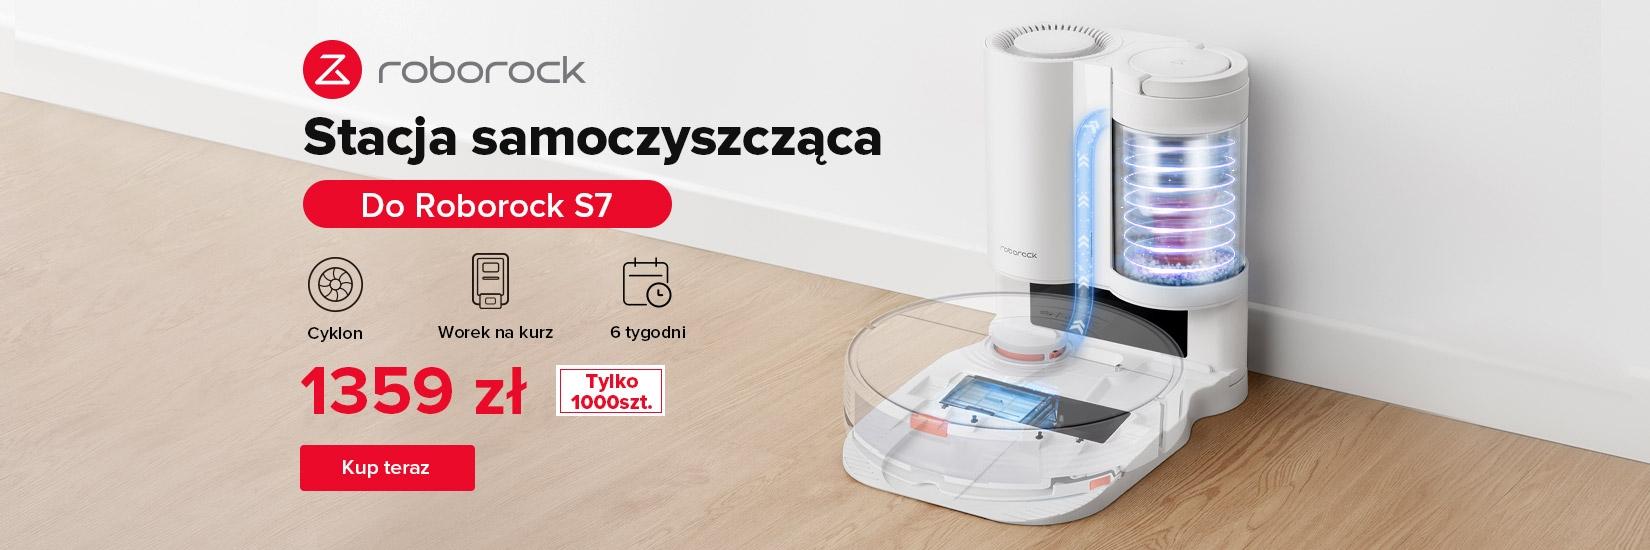 Tylko 1000szt!  Automatyczna Stacja Ssąca dla Robota Odkurzającego Roborock S7 na geekbuying.pl - Kup teraz ! 240zł taniej !